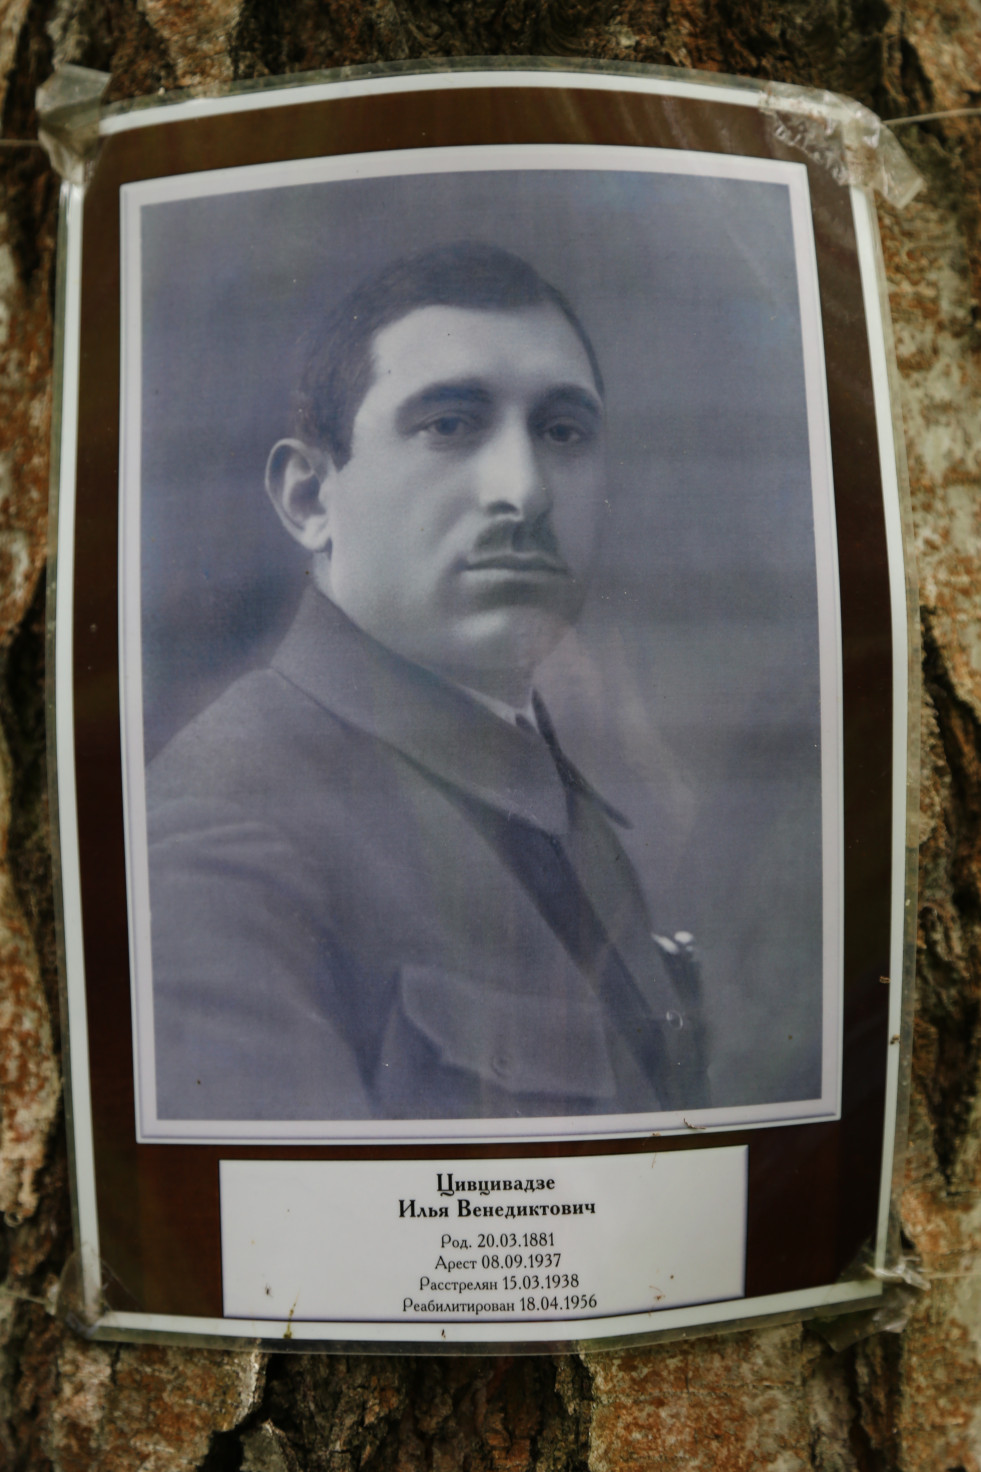 Памятный знак И.В. Цивцивадзе. Фото 07.06.2018